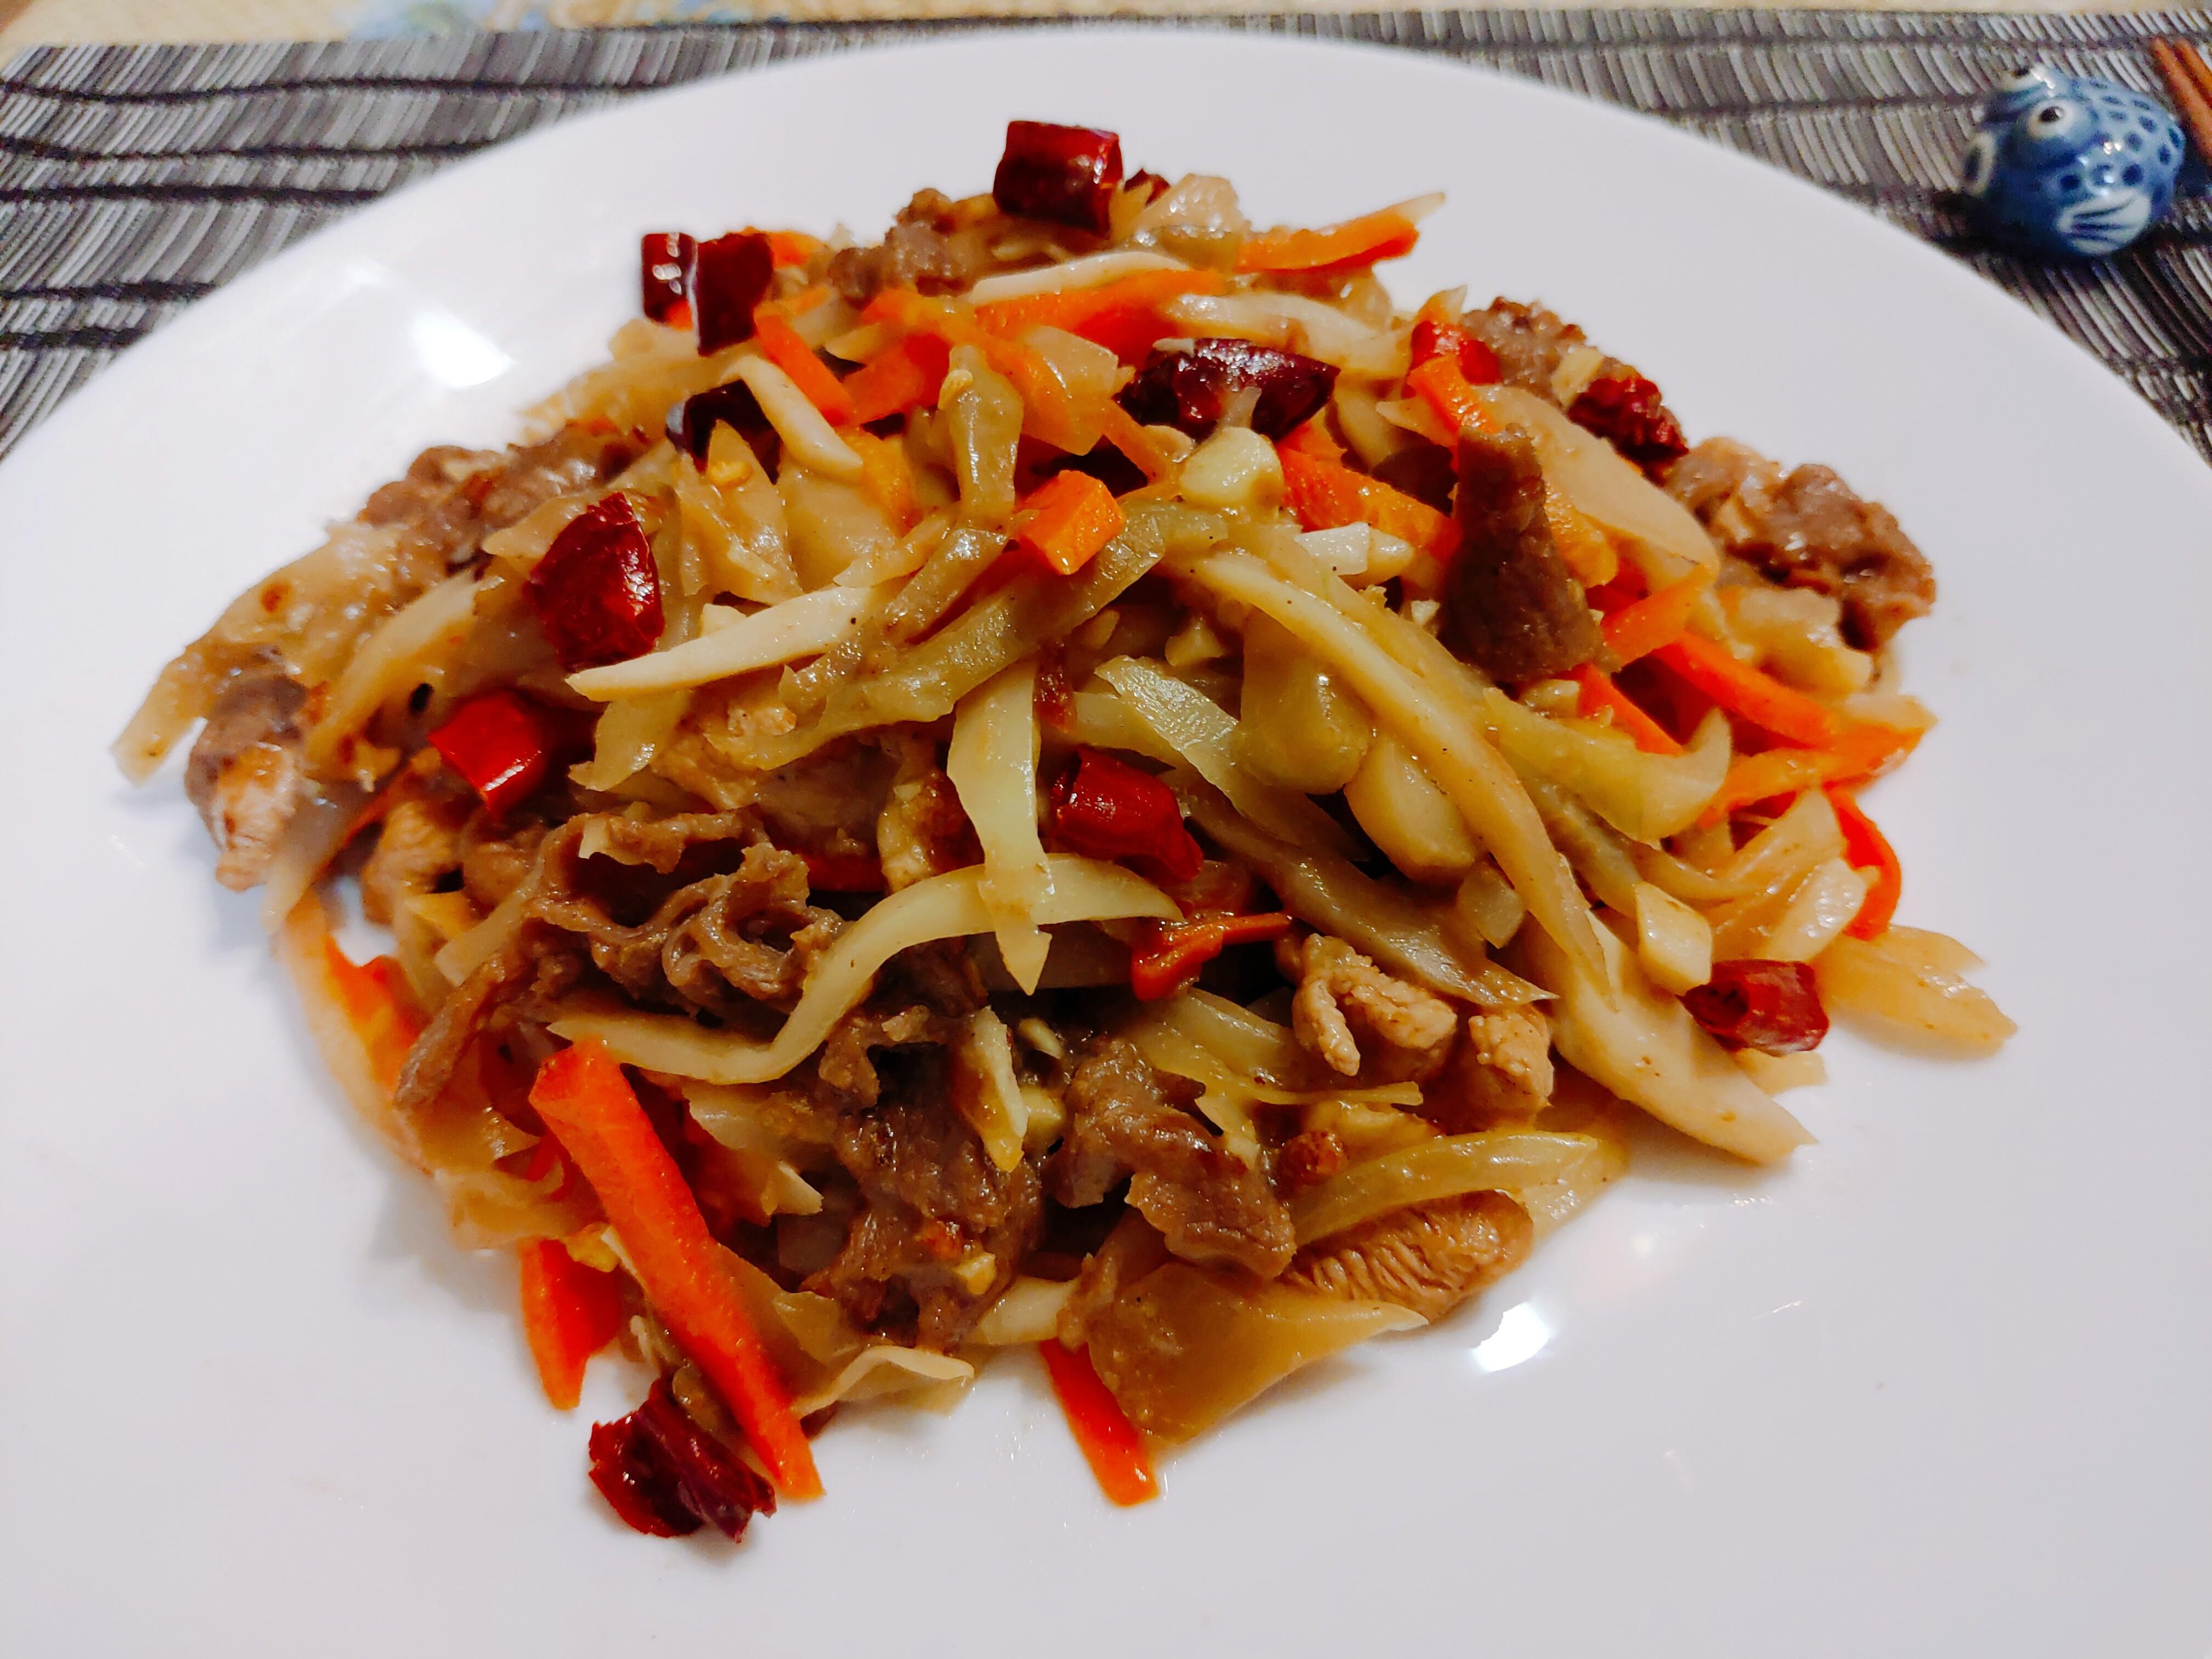 【食譜】榨菜炒牛肉|超簡單零難度料理,隨便炒炒都好吃